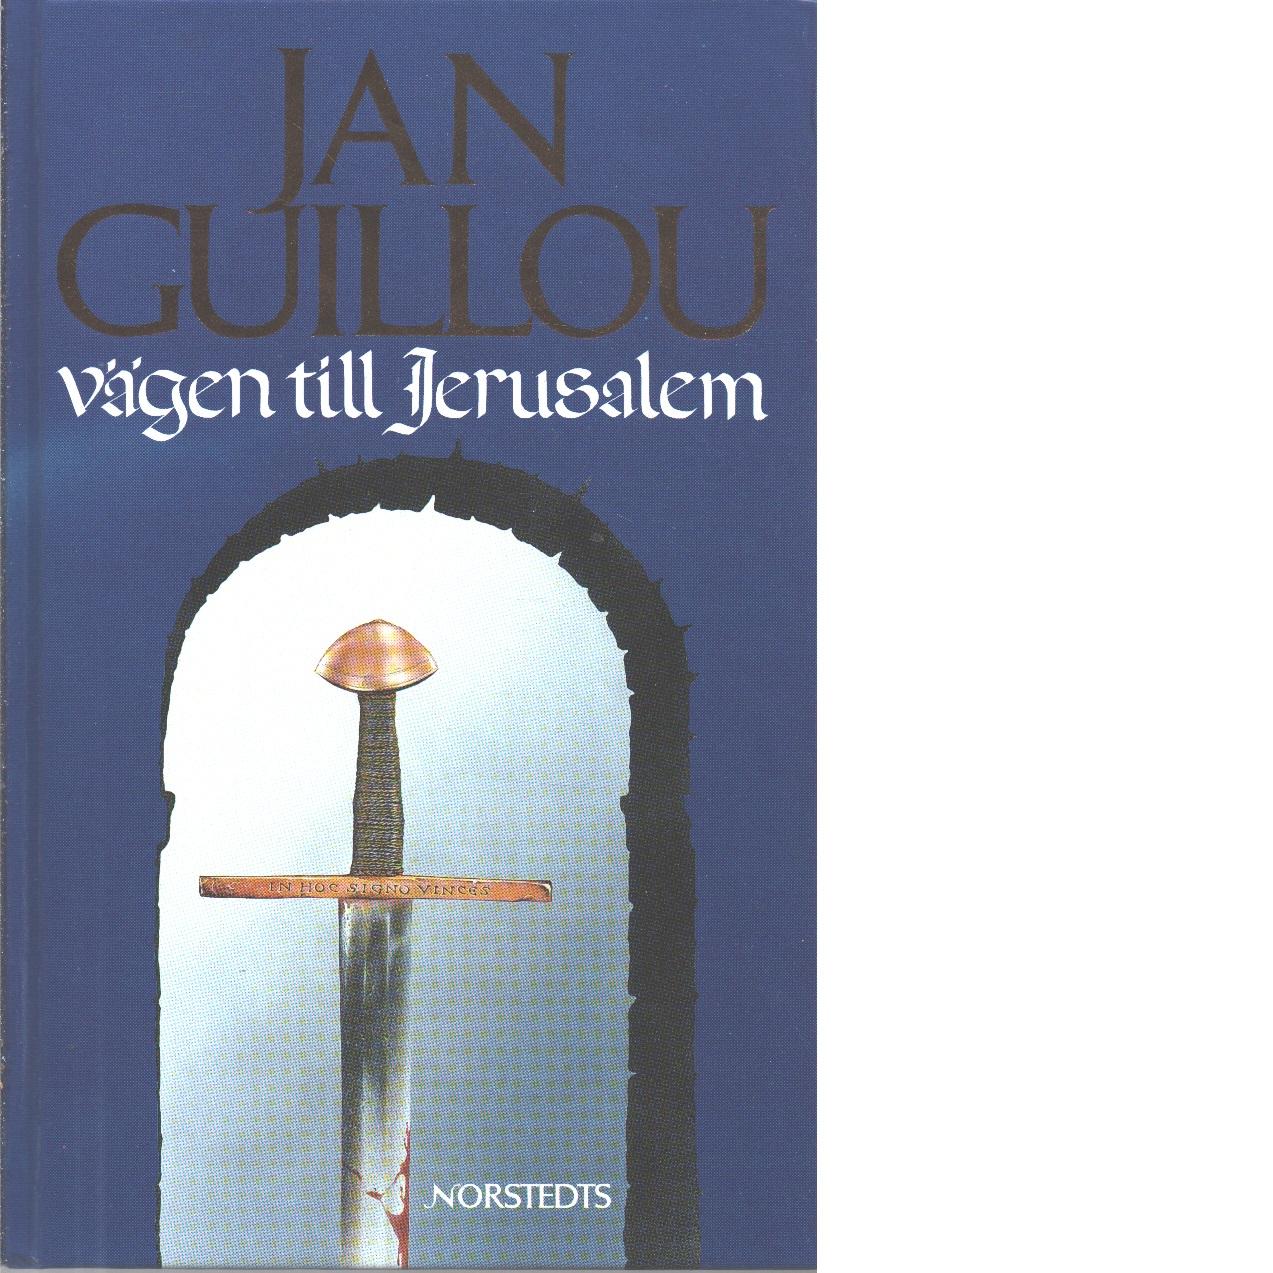 Vägen till Jerusalem - Guillou, Jan